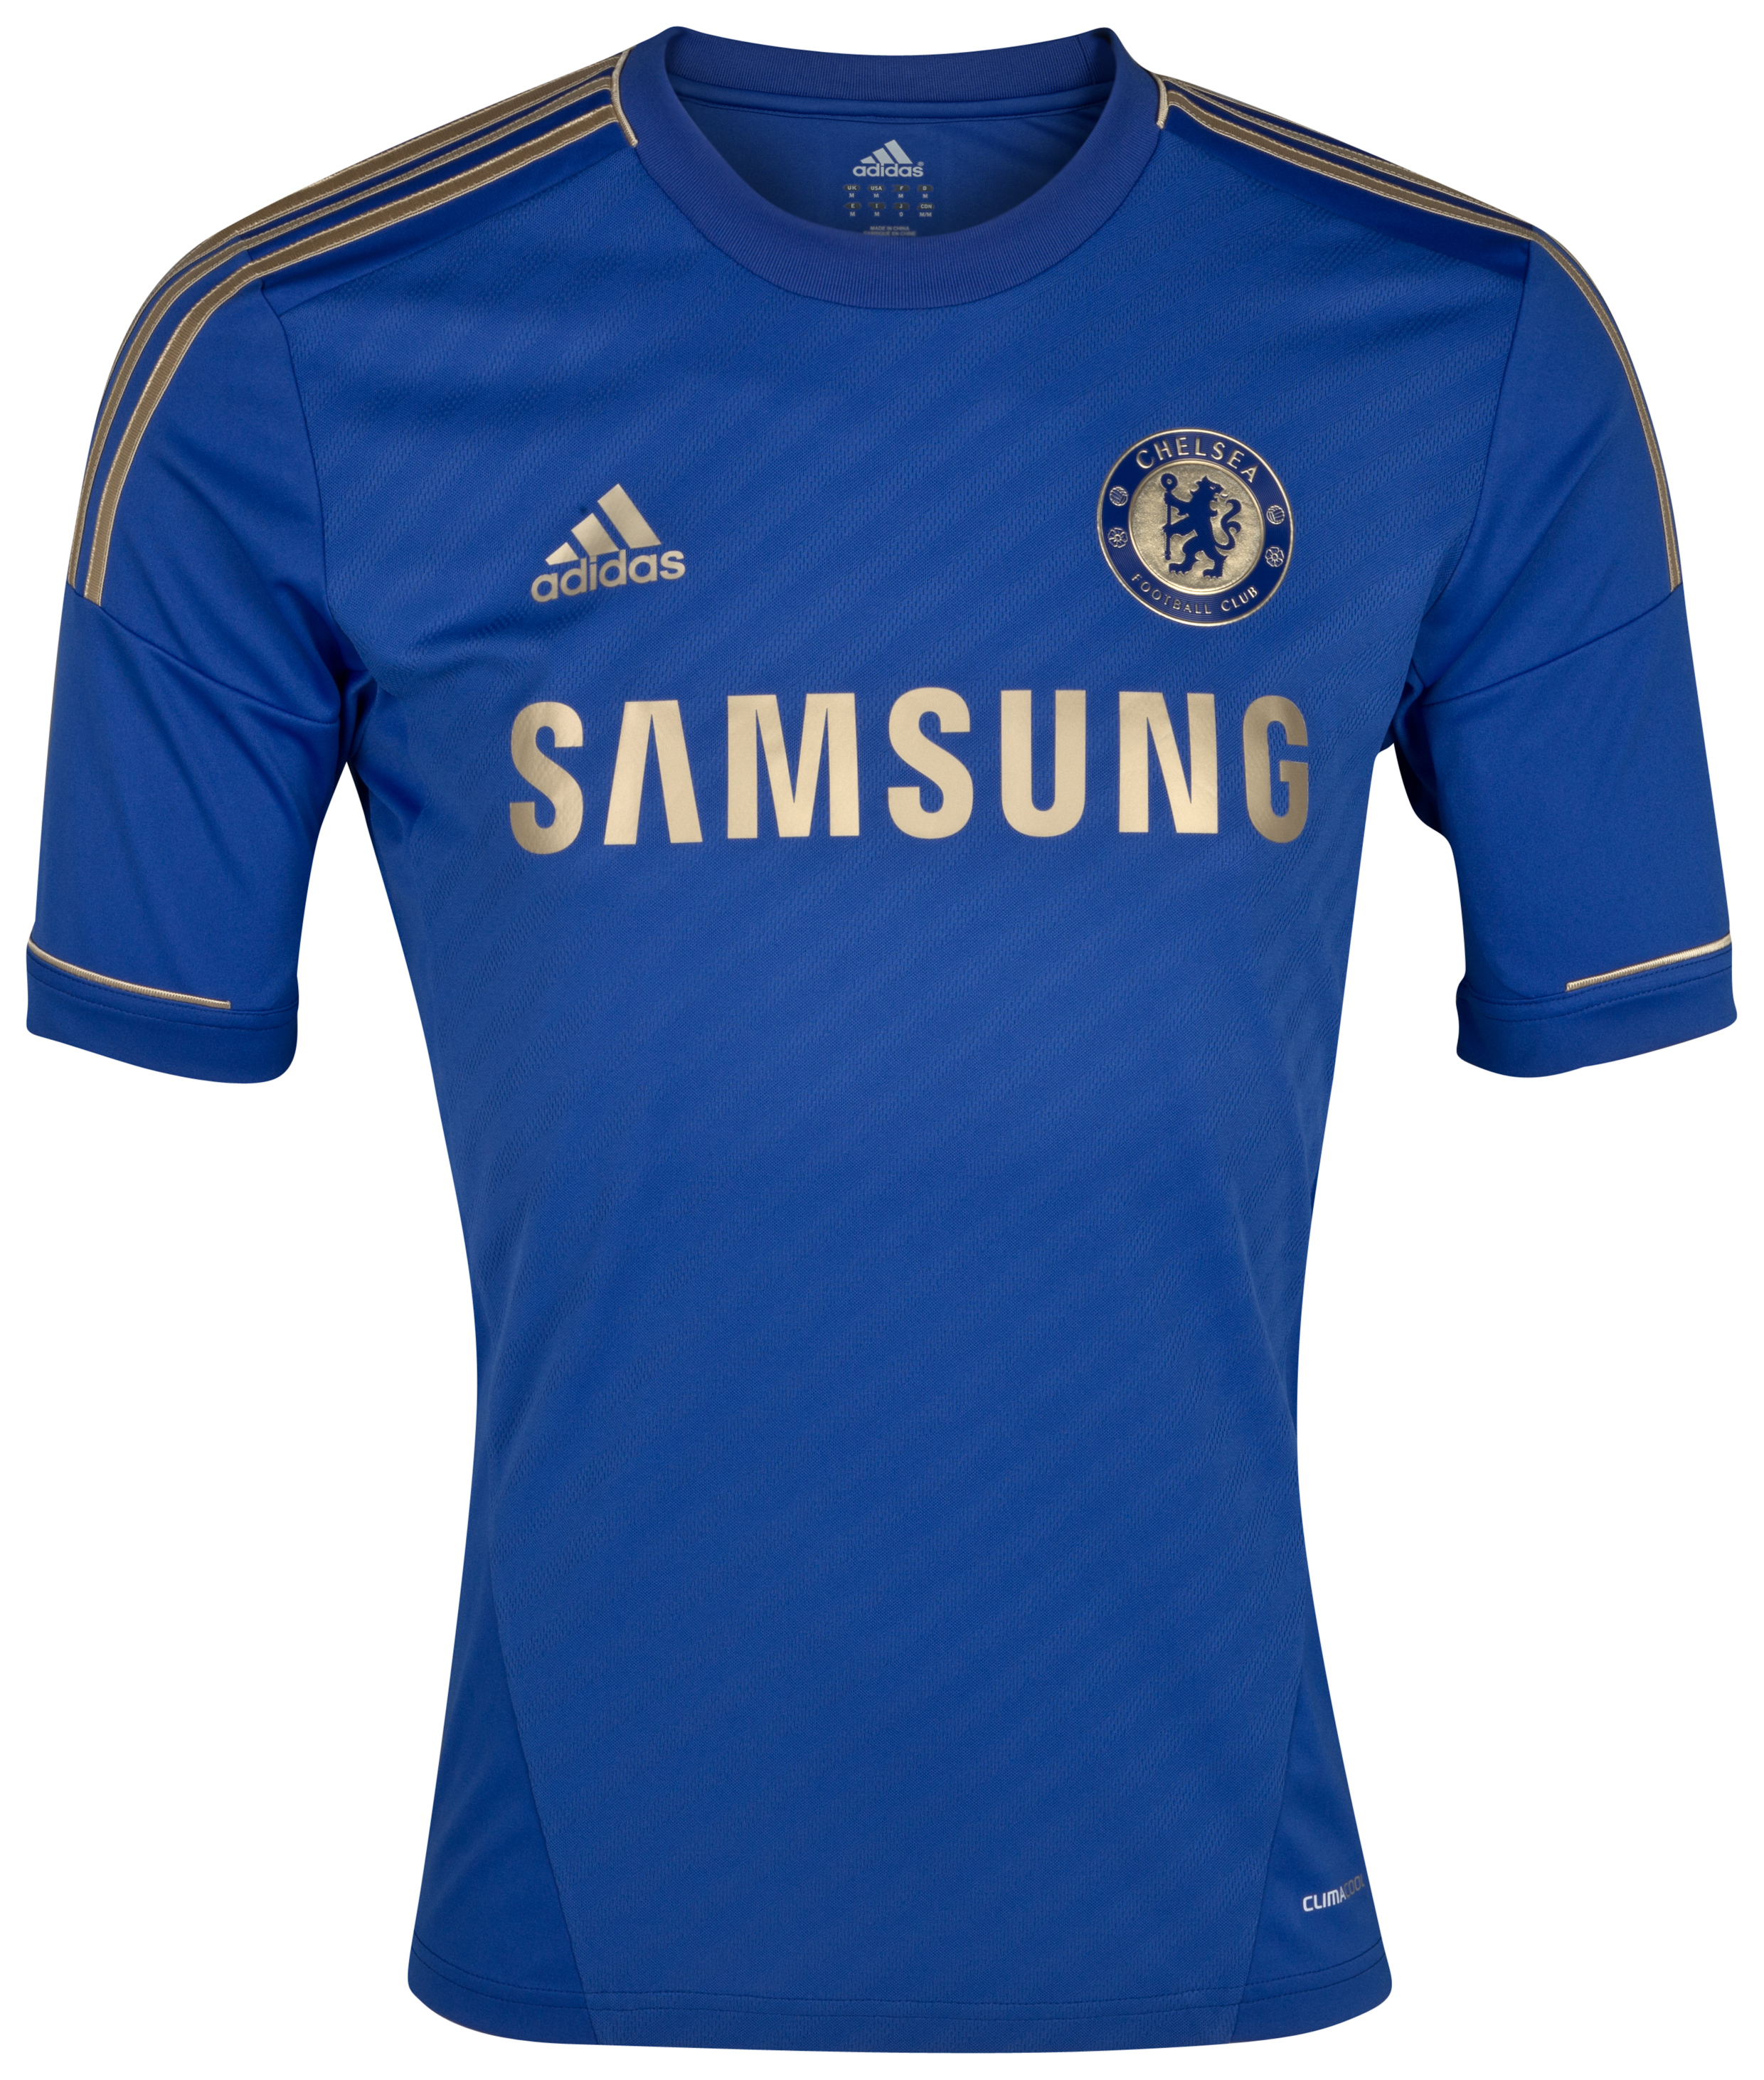 new styles 88dab b771d Liverpool Football Shirts 2012 13 | Azərbaycan Dillər ...